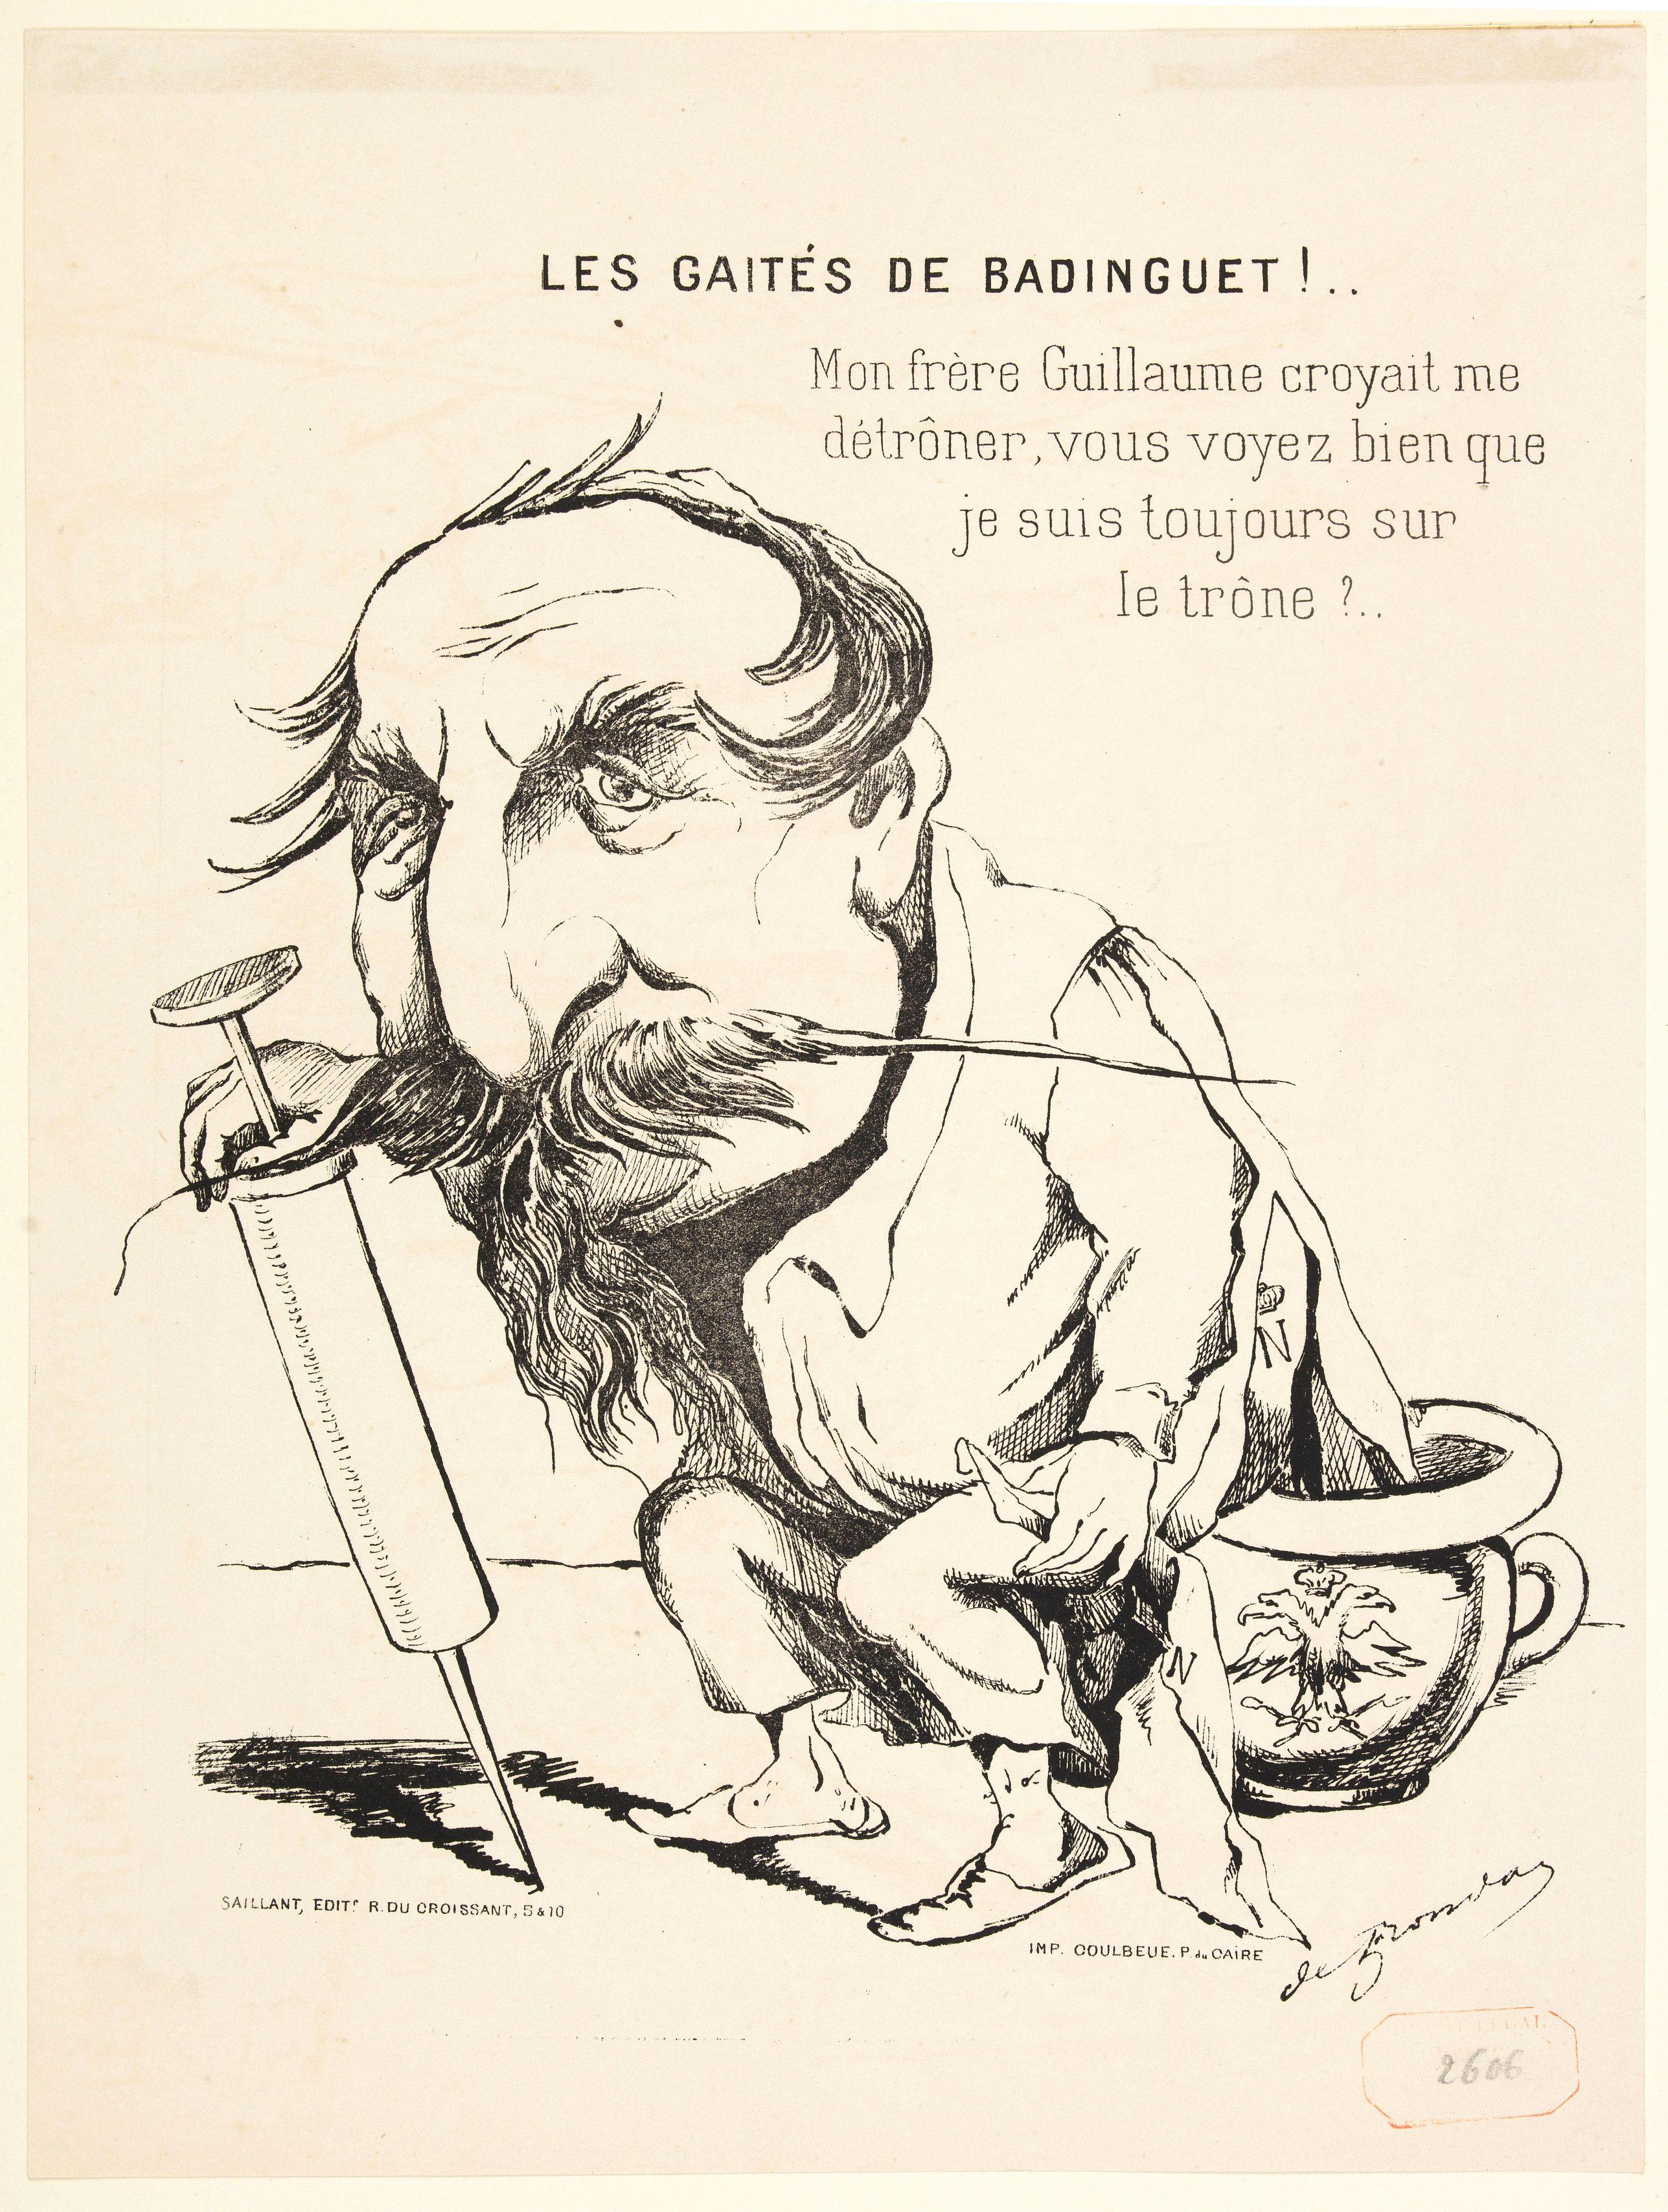 SAILLANT. -  Les Gaites de Badinguet!. . . [The Gaieties of Badinguet !]